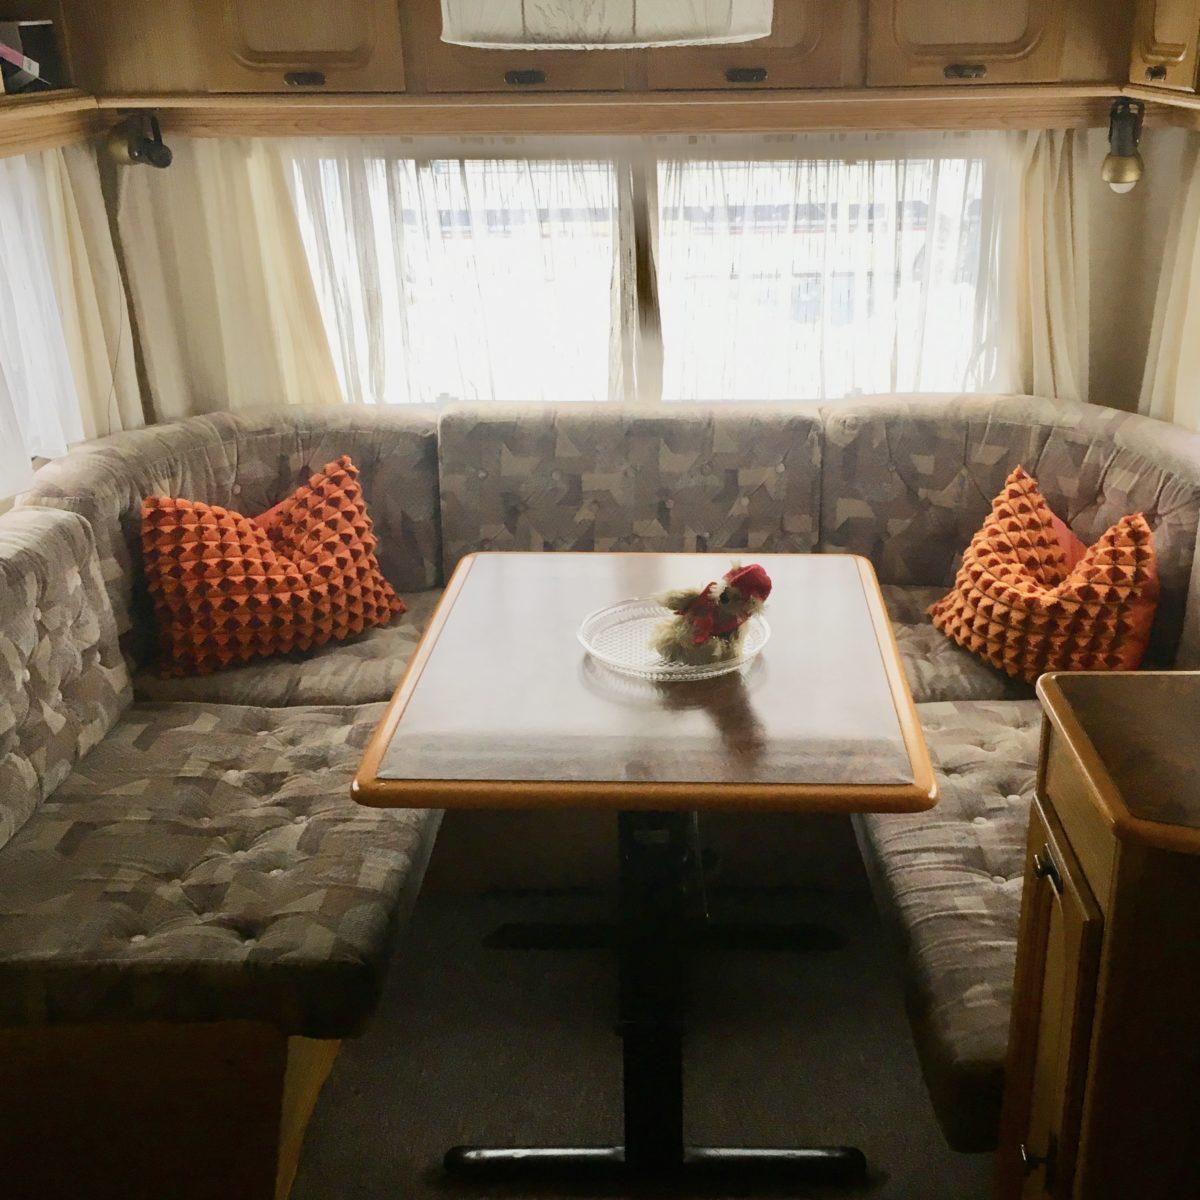 Gemütliche Sitzecke bei Tag, Schlafplat für zwei bei Nacht.